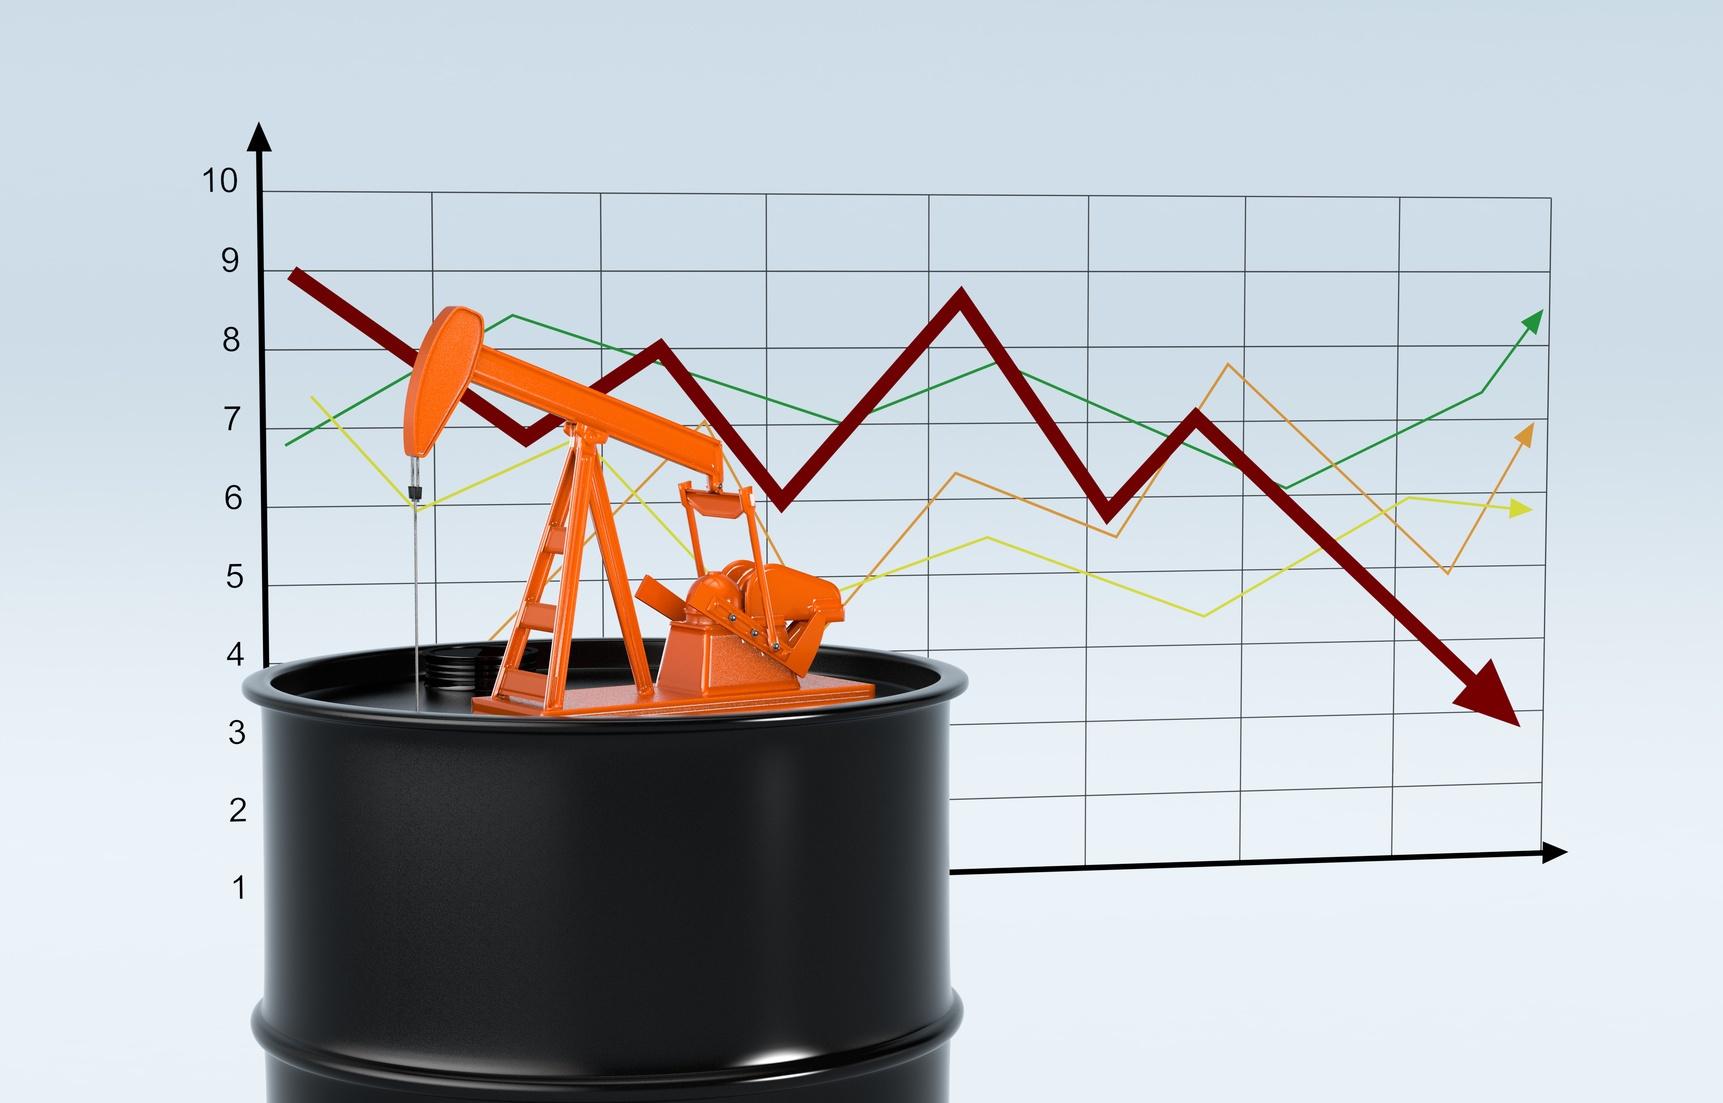 إعادة توازن سوق النفط العالمي